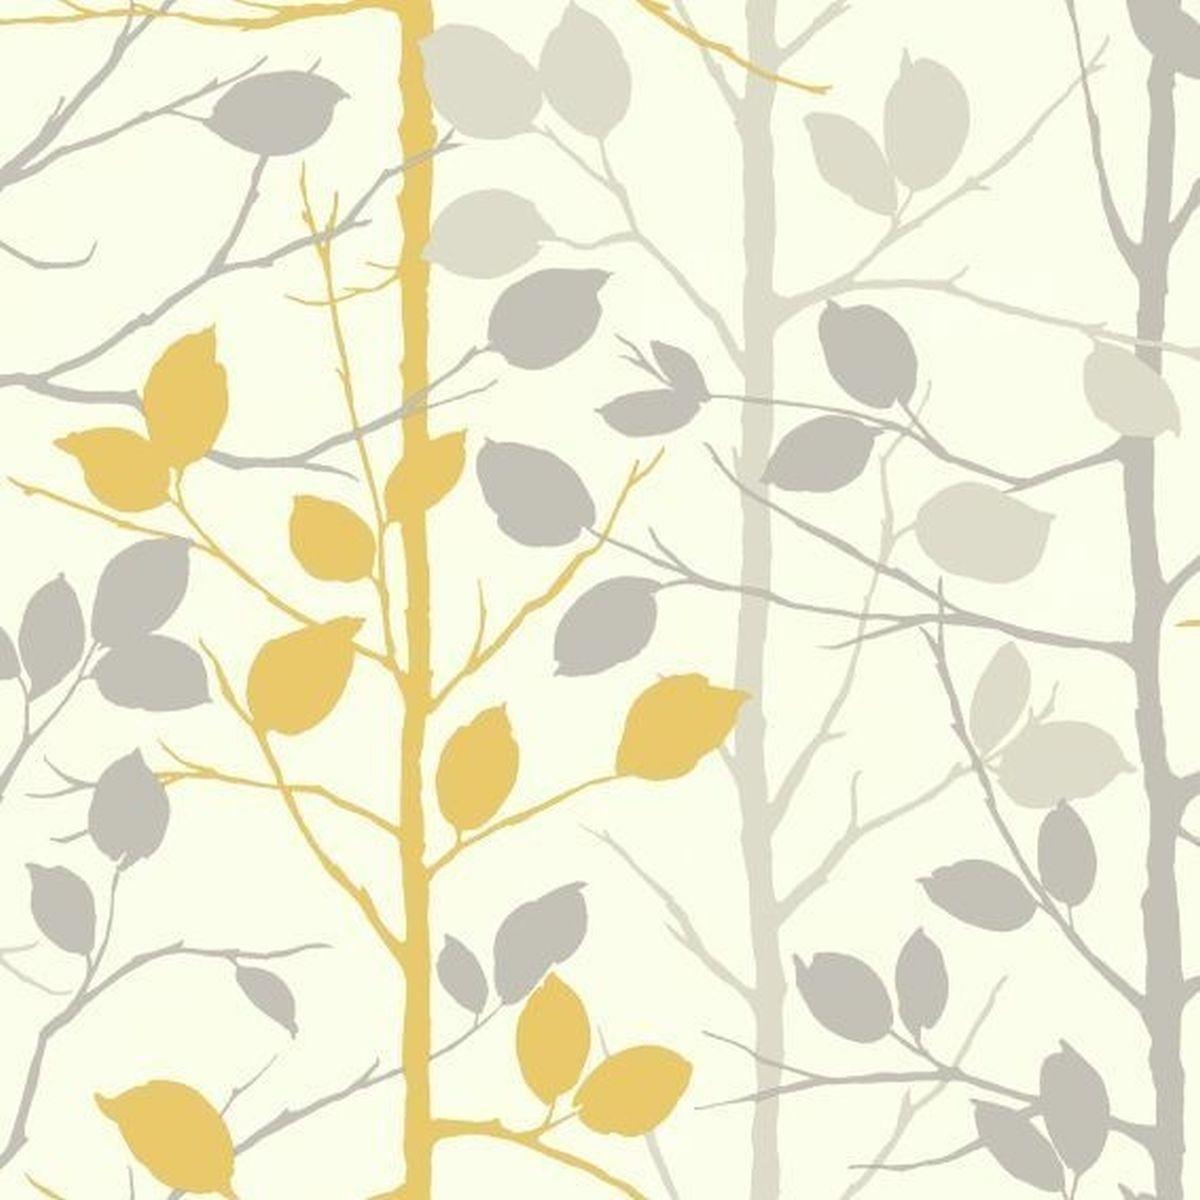 Best of Arthouse Vliestapete Prächtiges Design 630705 Gelb Blumentapete